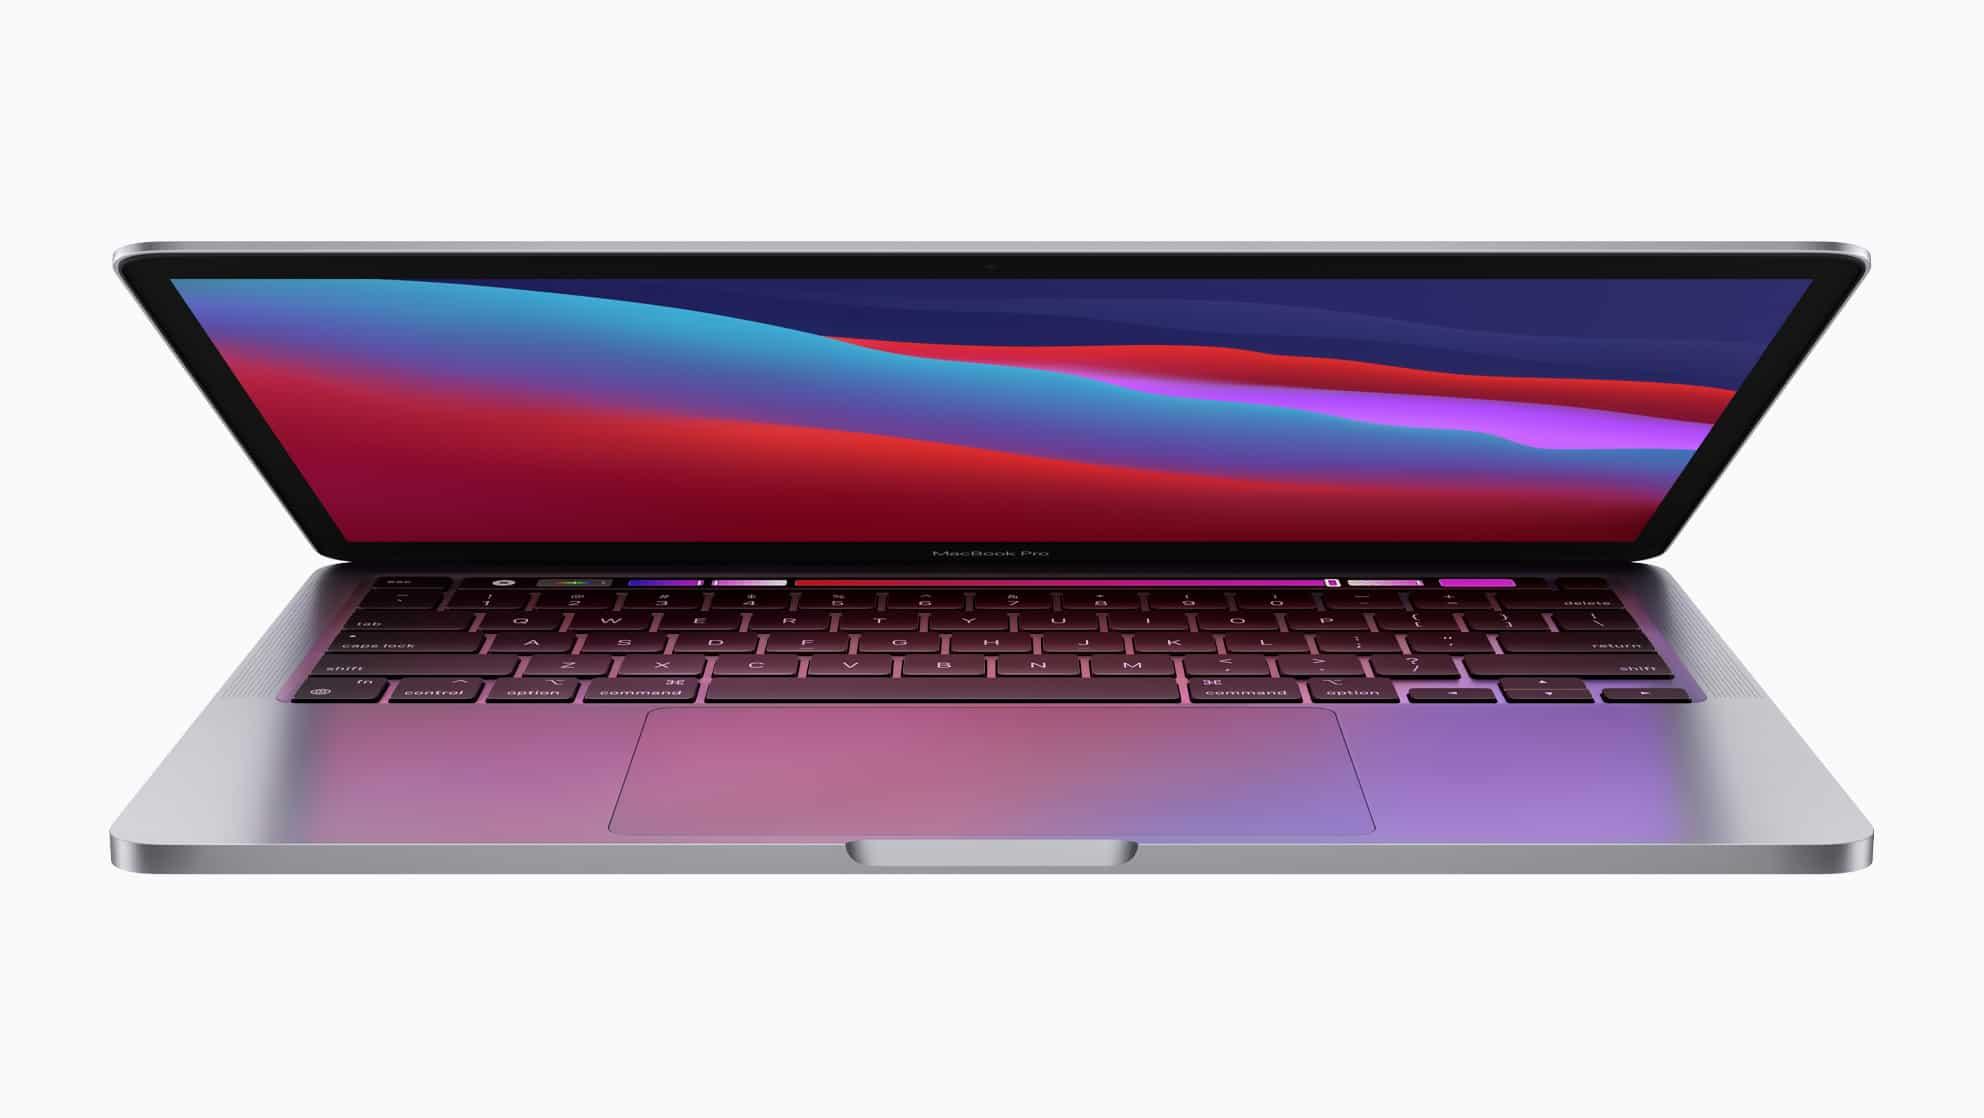 Novo MacBook Pro de 13 polegadas com chip Apple M1 de frente com a tampa abrindo